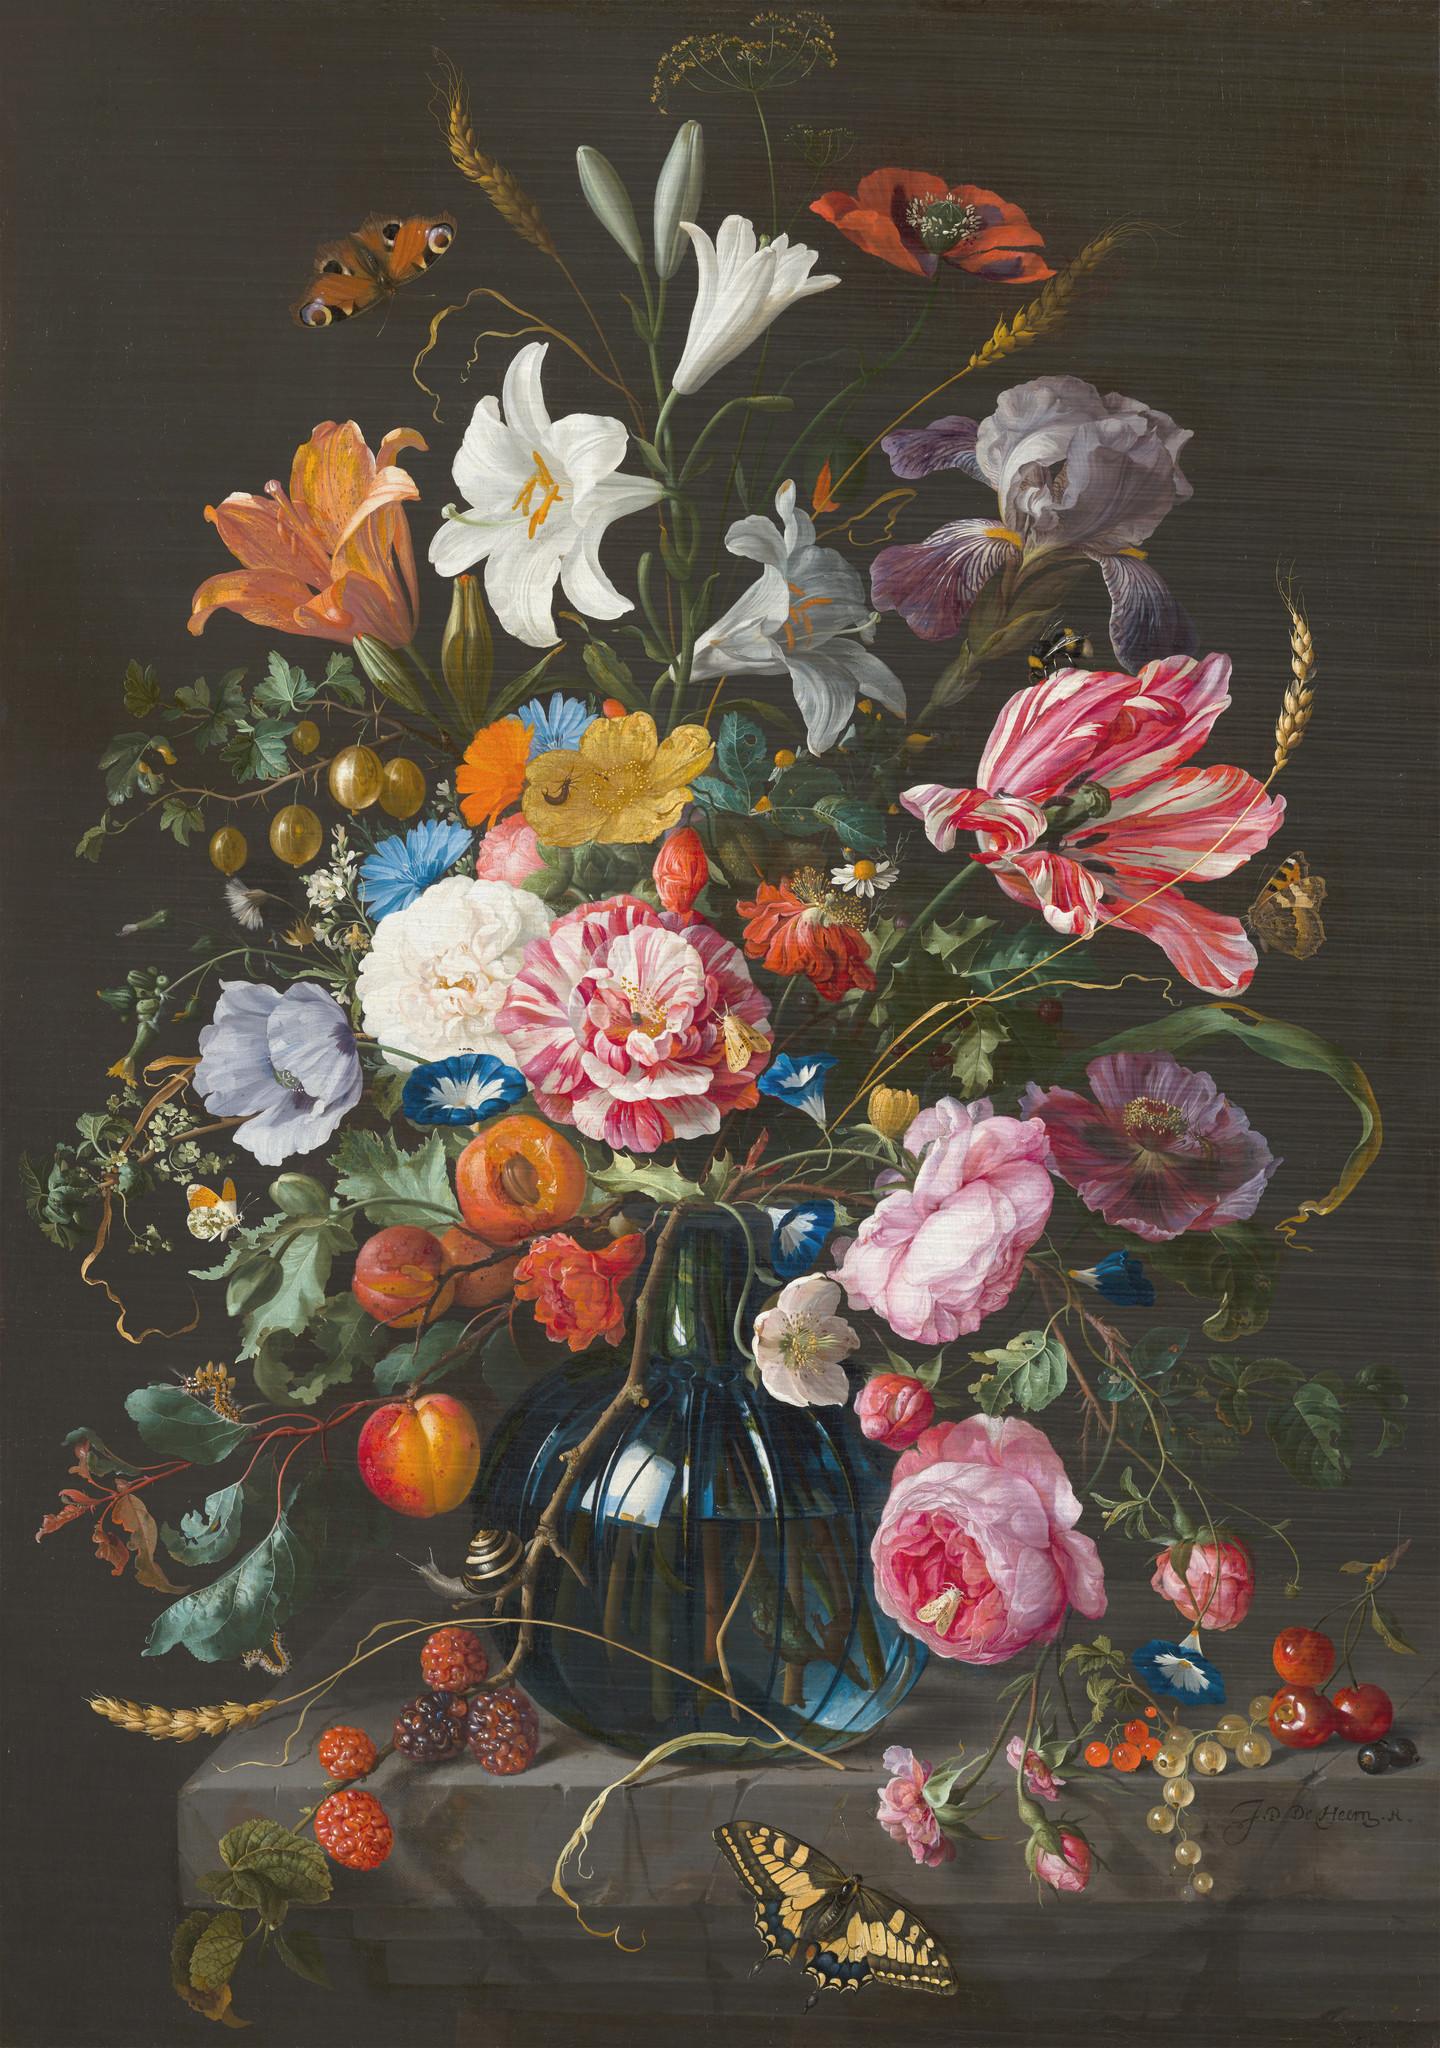 Glazen vaas met bloemen door Jan Davidsz de Heem op Dibond